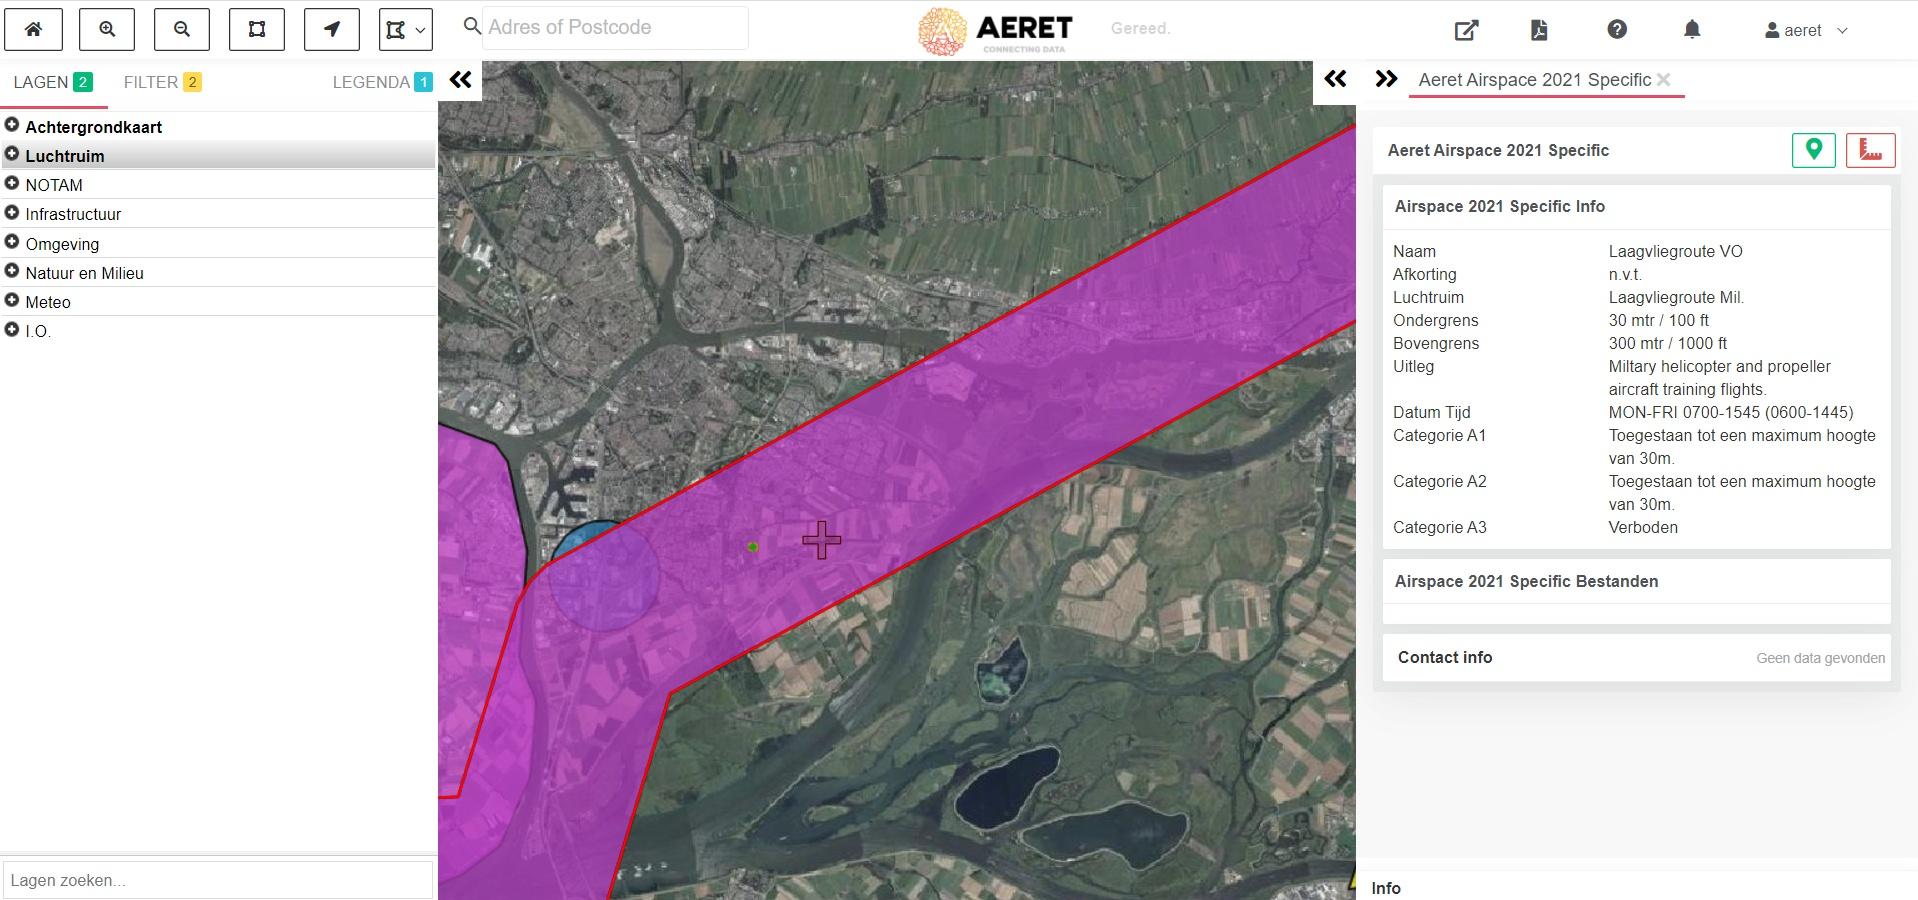 drone preflight pro laagvlieg gebied militair open specific kaart